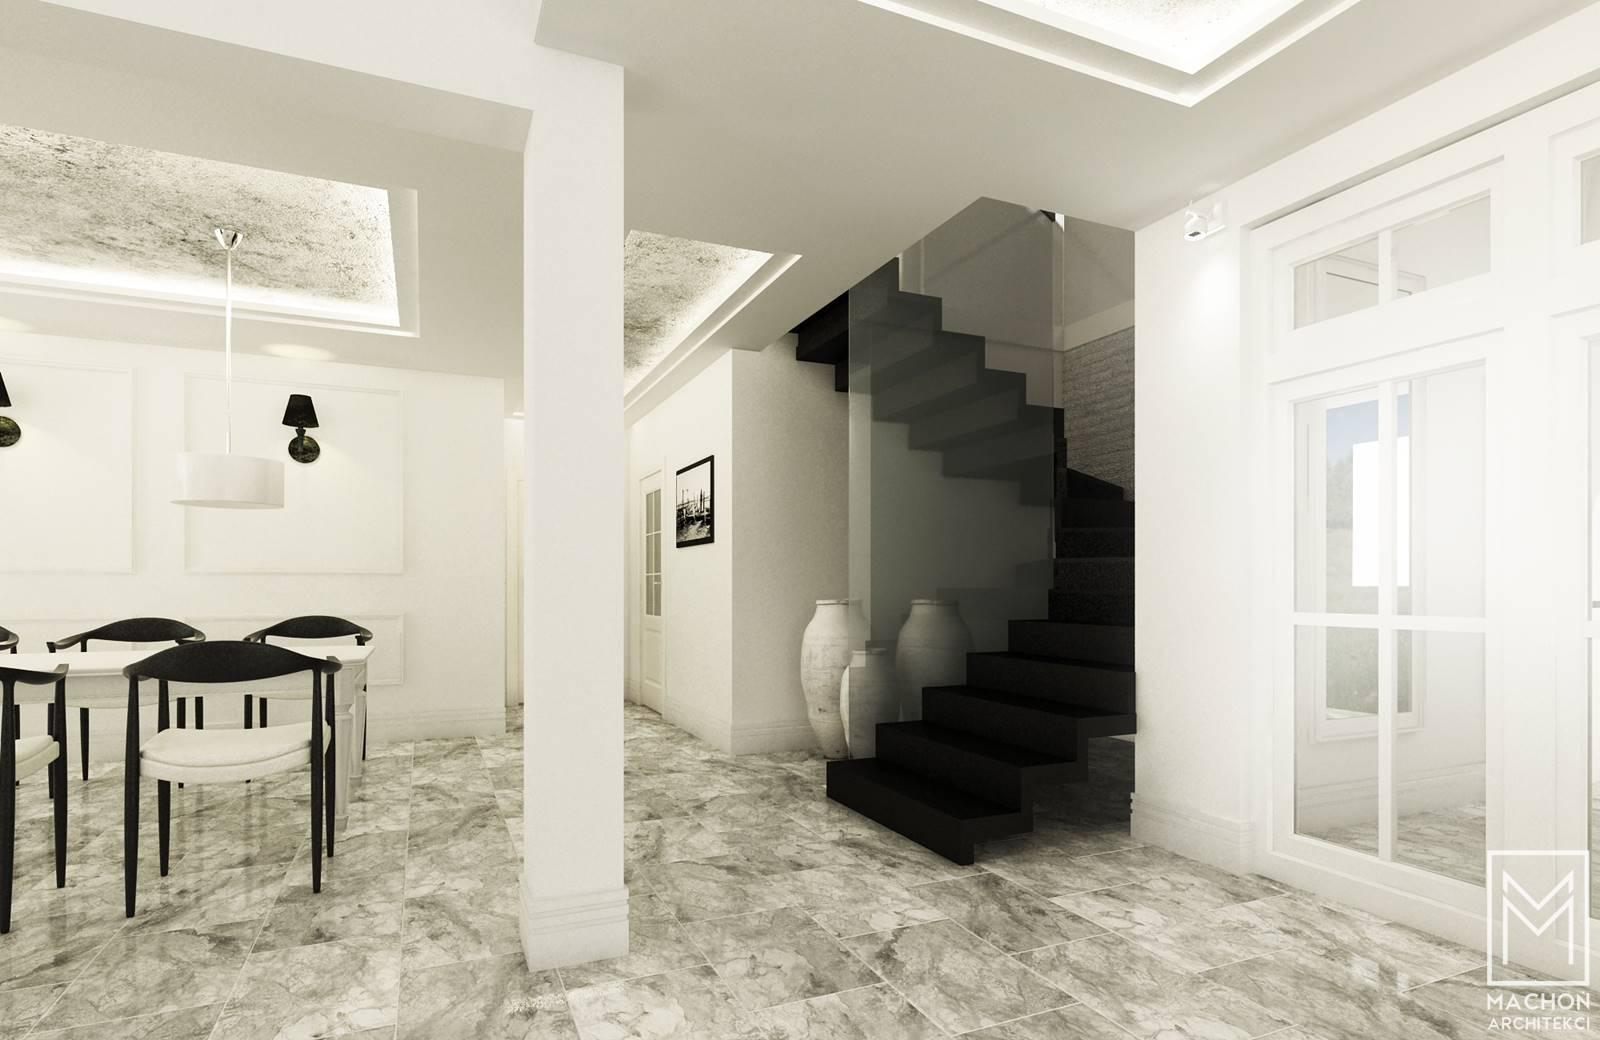 nowoczesne wnętrze z kamieniem naturalnym marmur